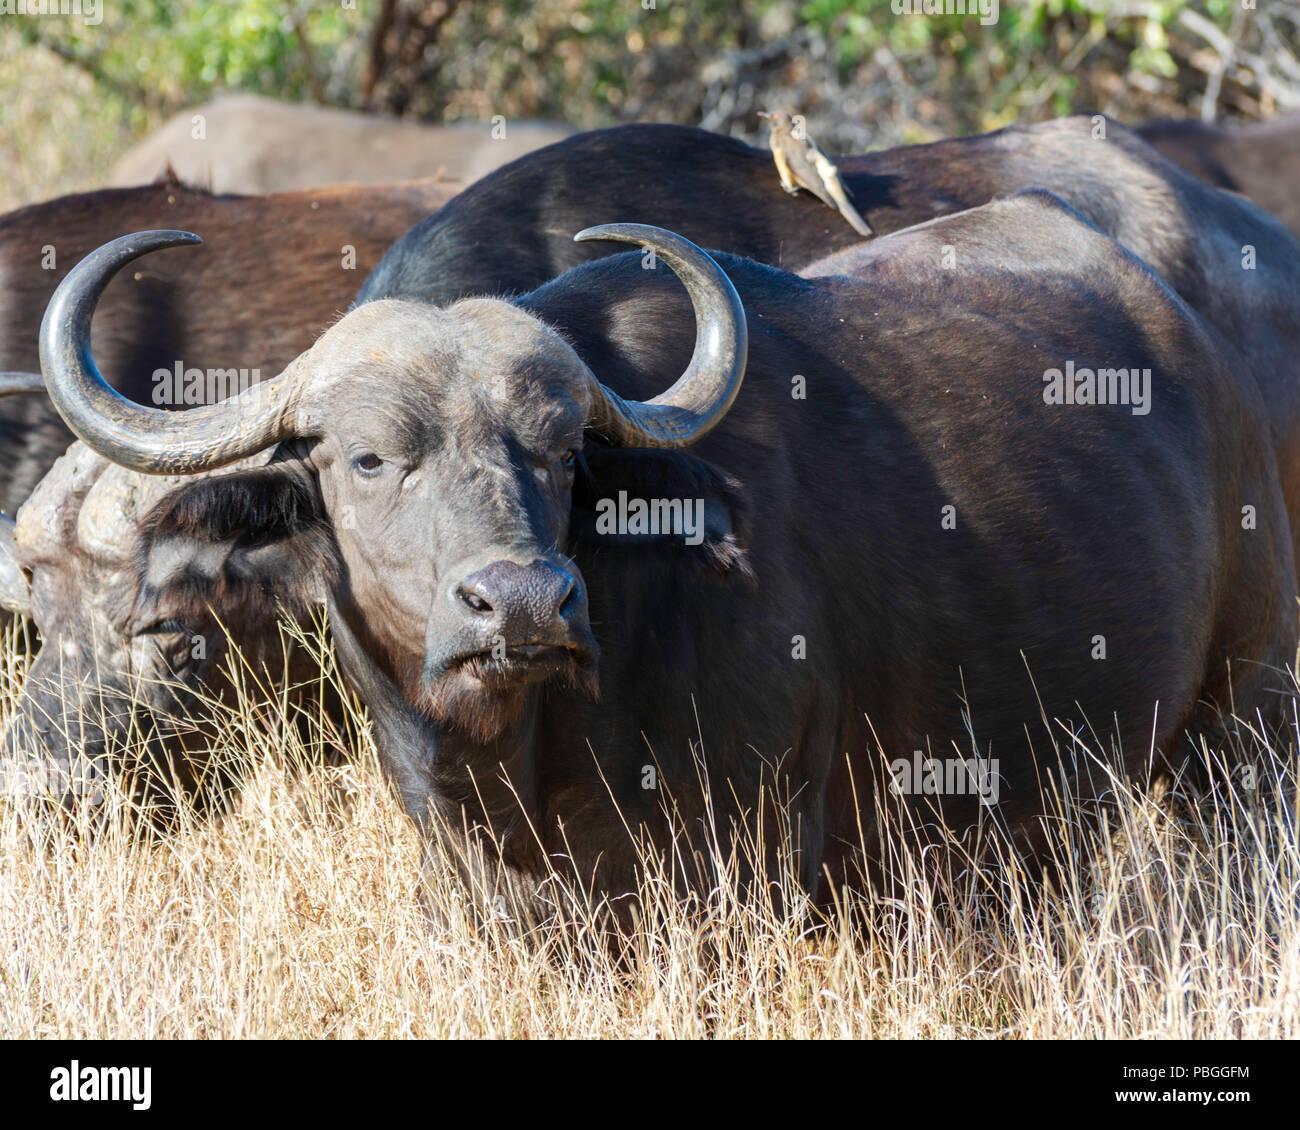 Cape Buffalo - Stock Image